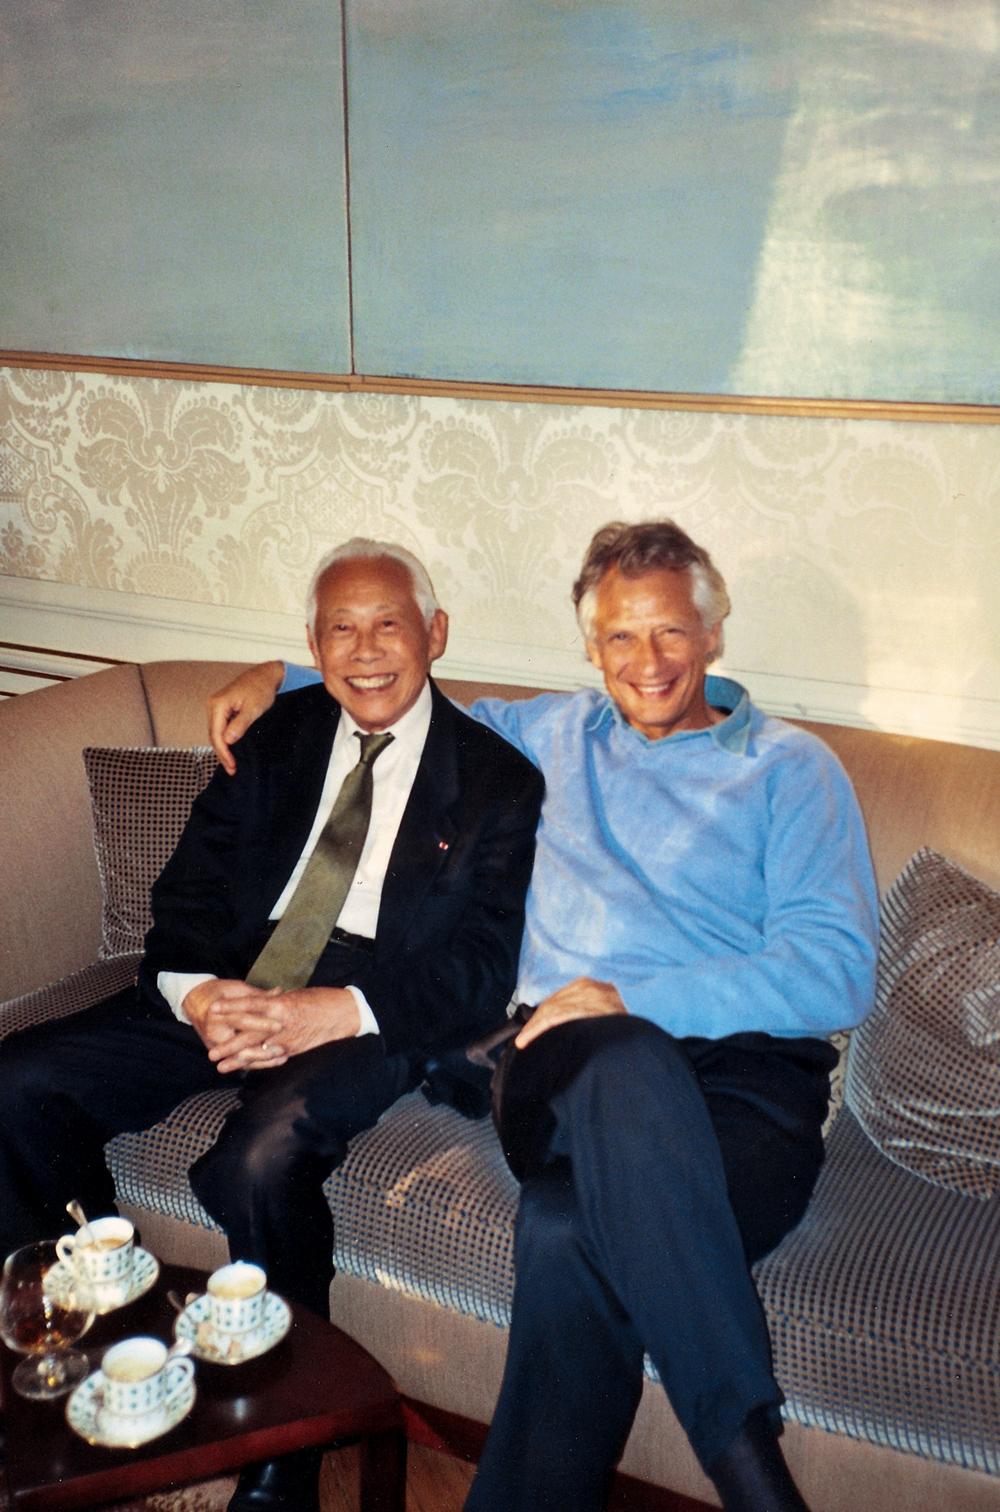 Avec Dominique de Villepin à l'Hôtel Matignon, 2005. Droits réservés